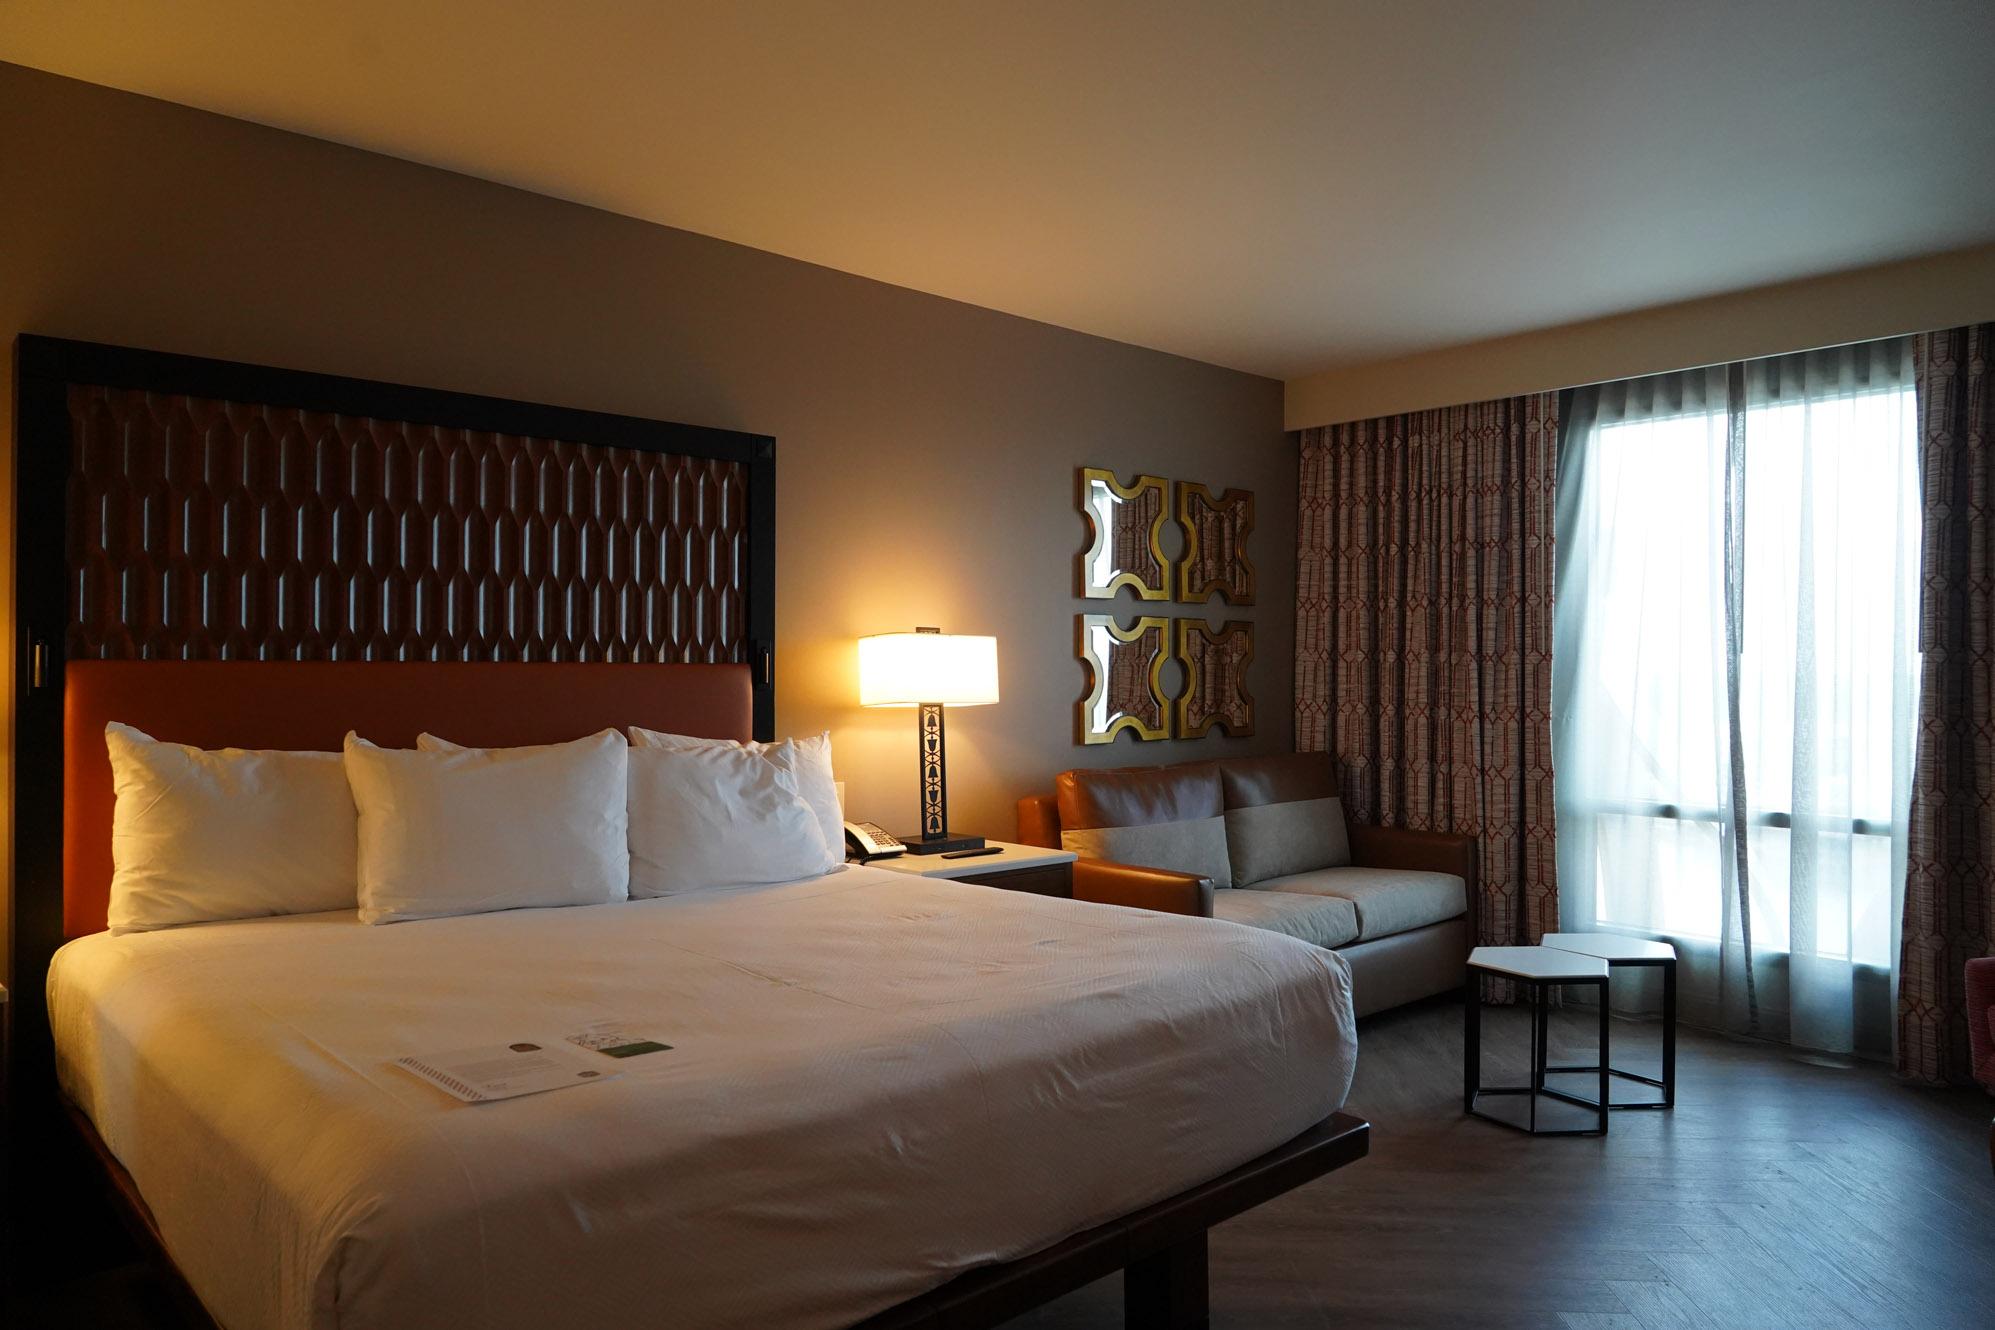 hotel room at Walt Disney World Resort